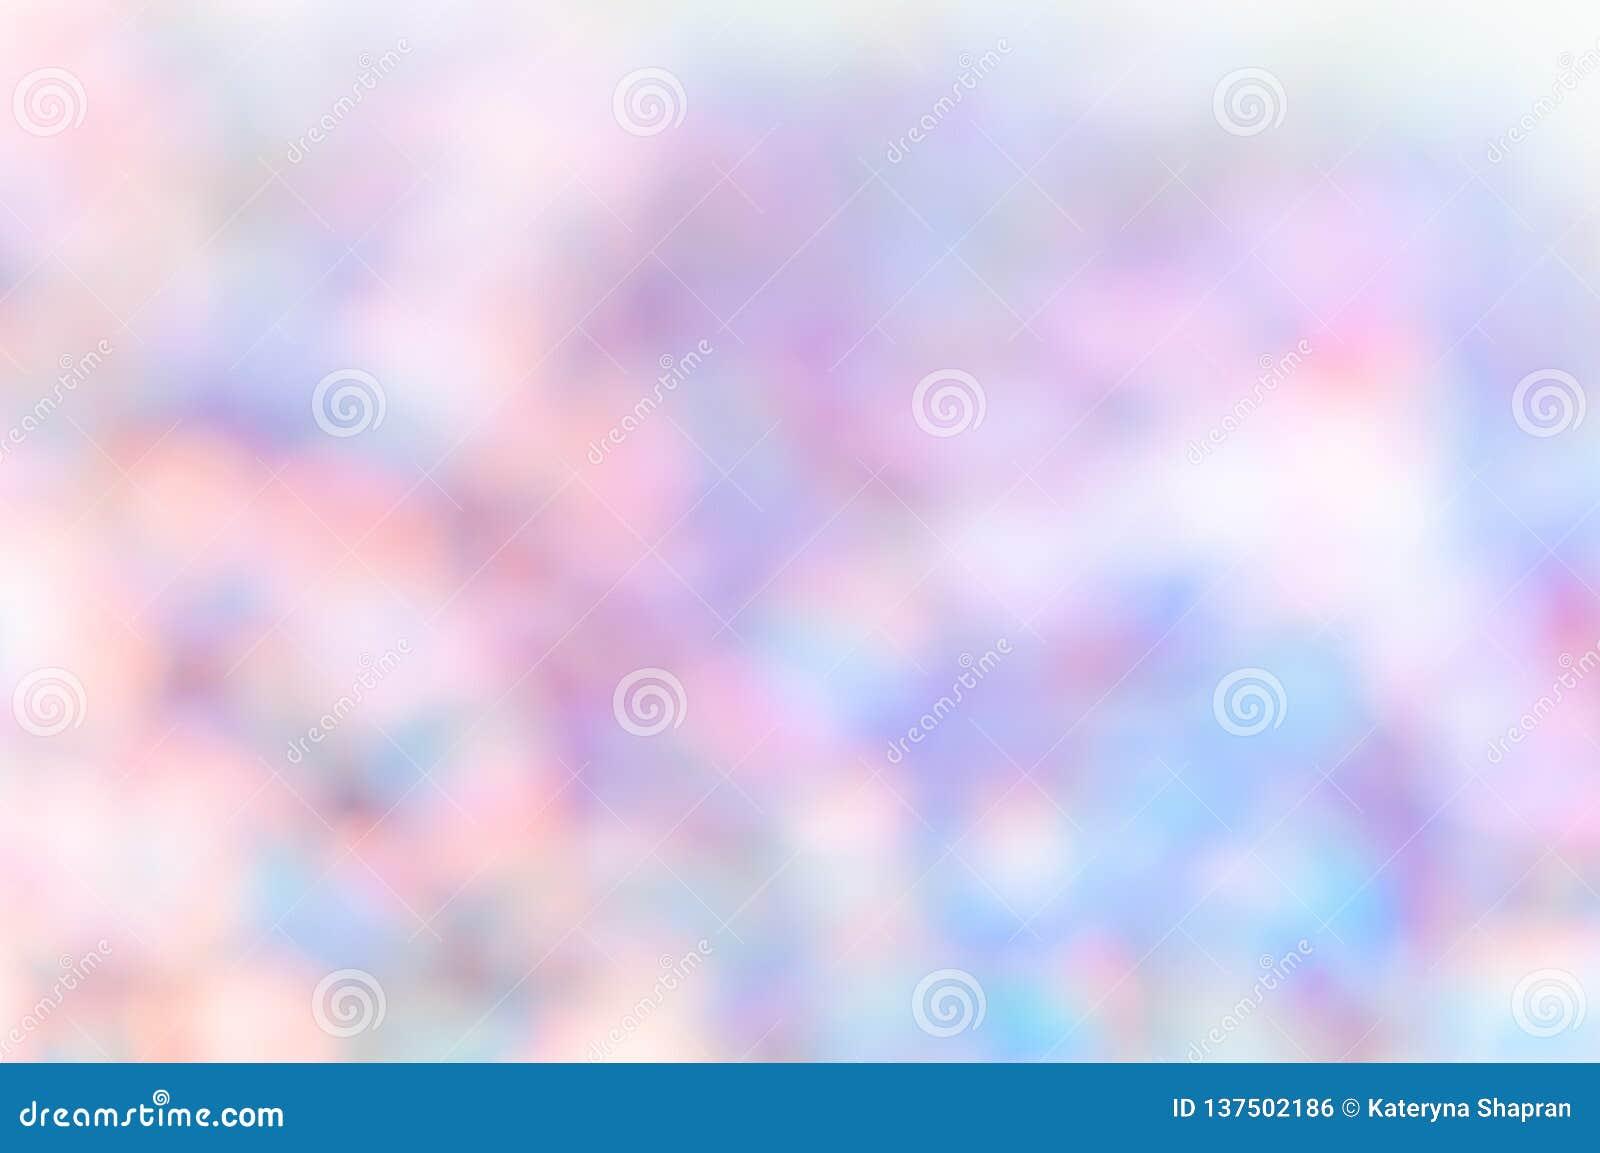 彩虹bokeh光,抽象背景,电话墙纸